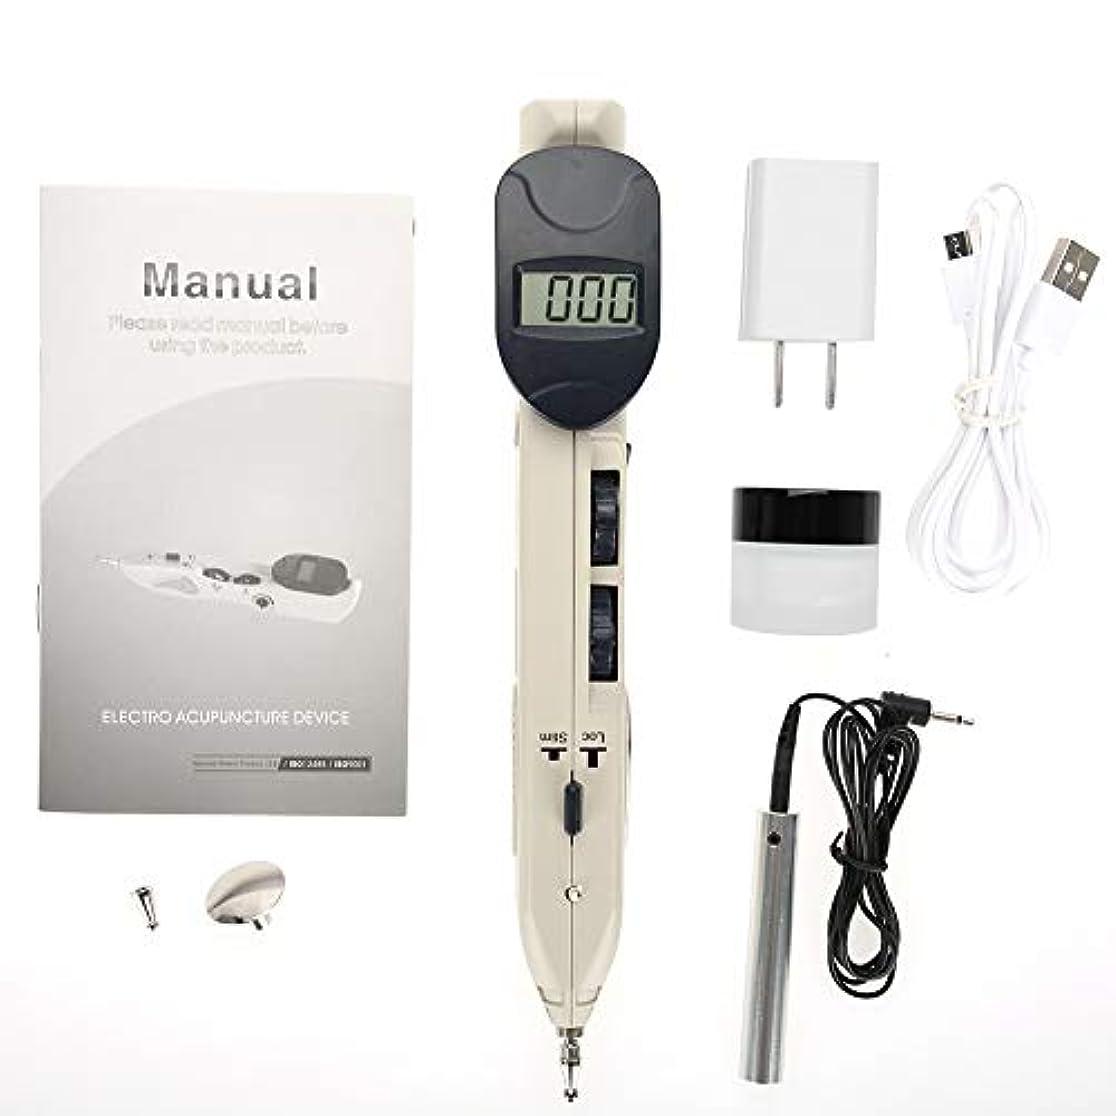 オーブン受け取るヒットツボ押し グッズ 電子鍼ペン 背中 腰 電子鍼治療装置 ヘルスケアペン